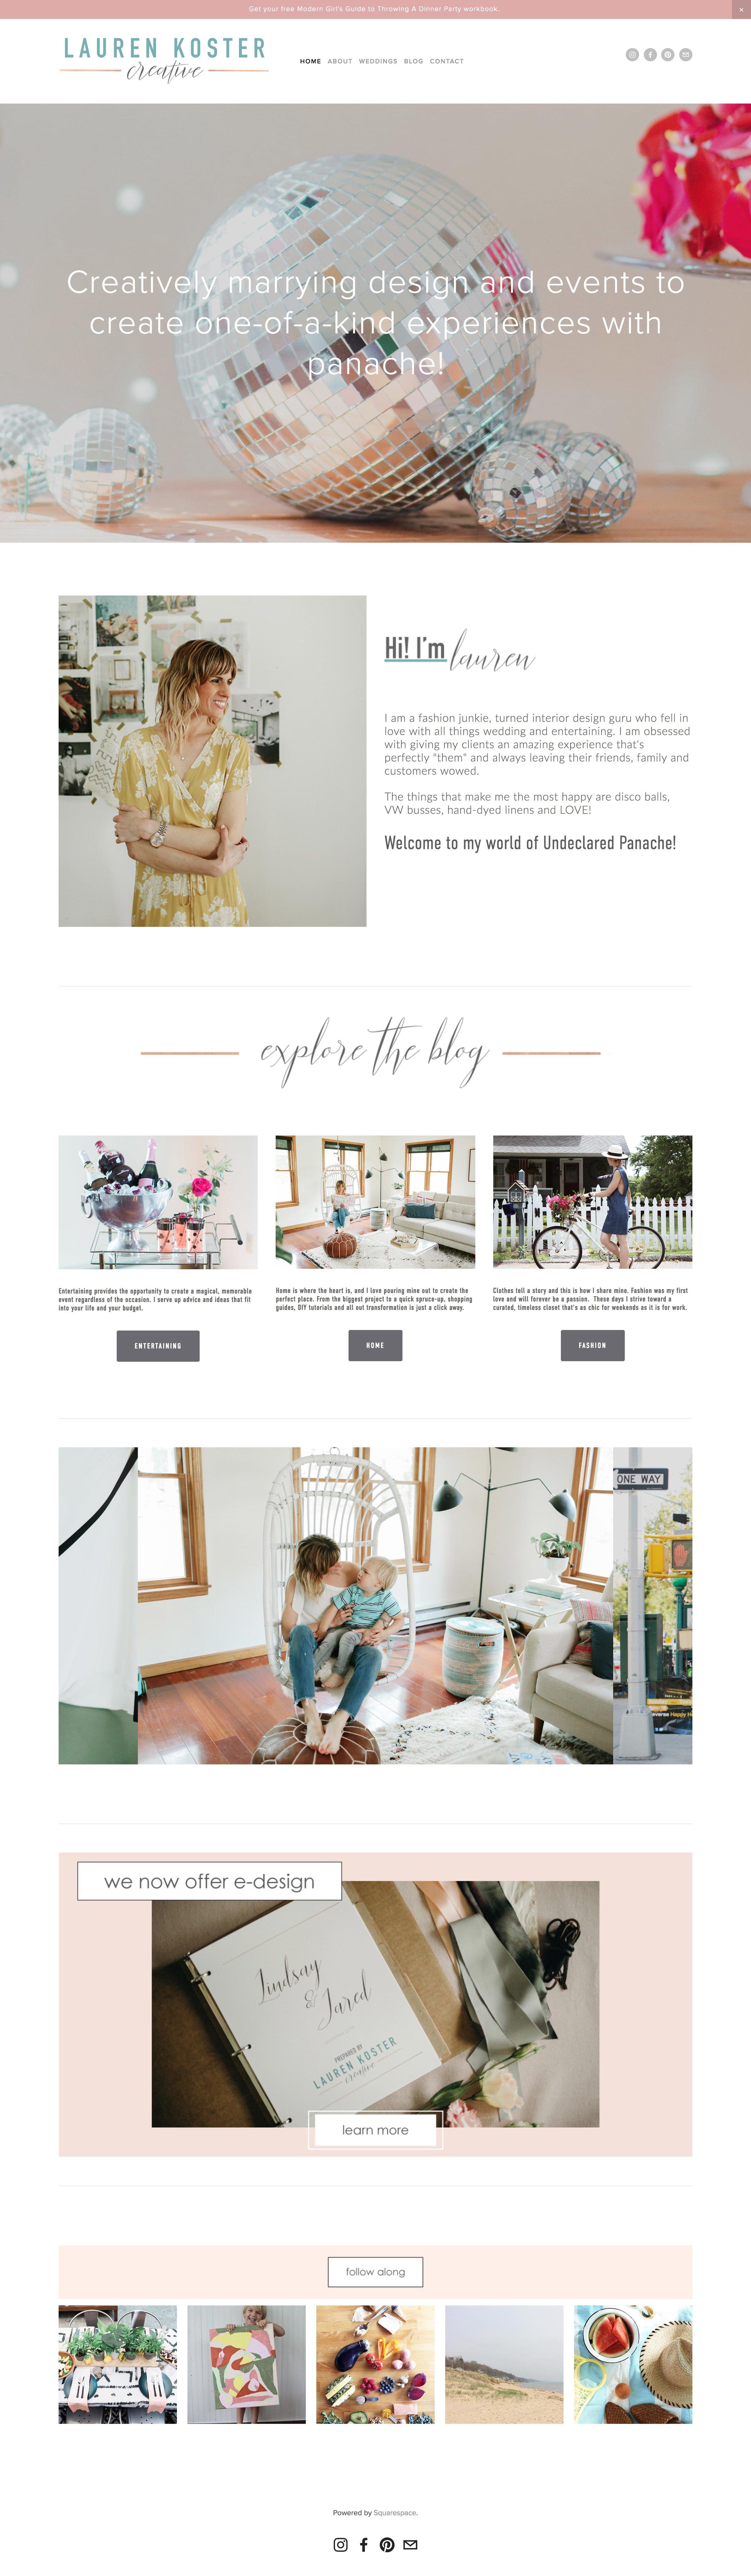 LKC-website-before.jpg